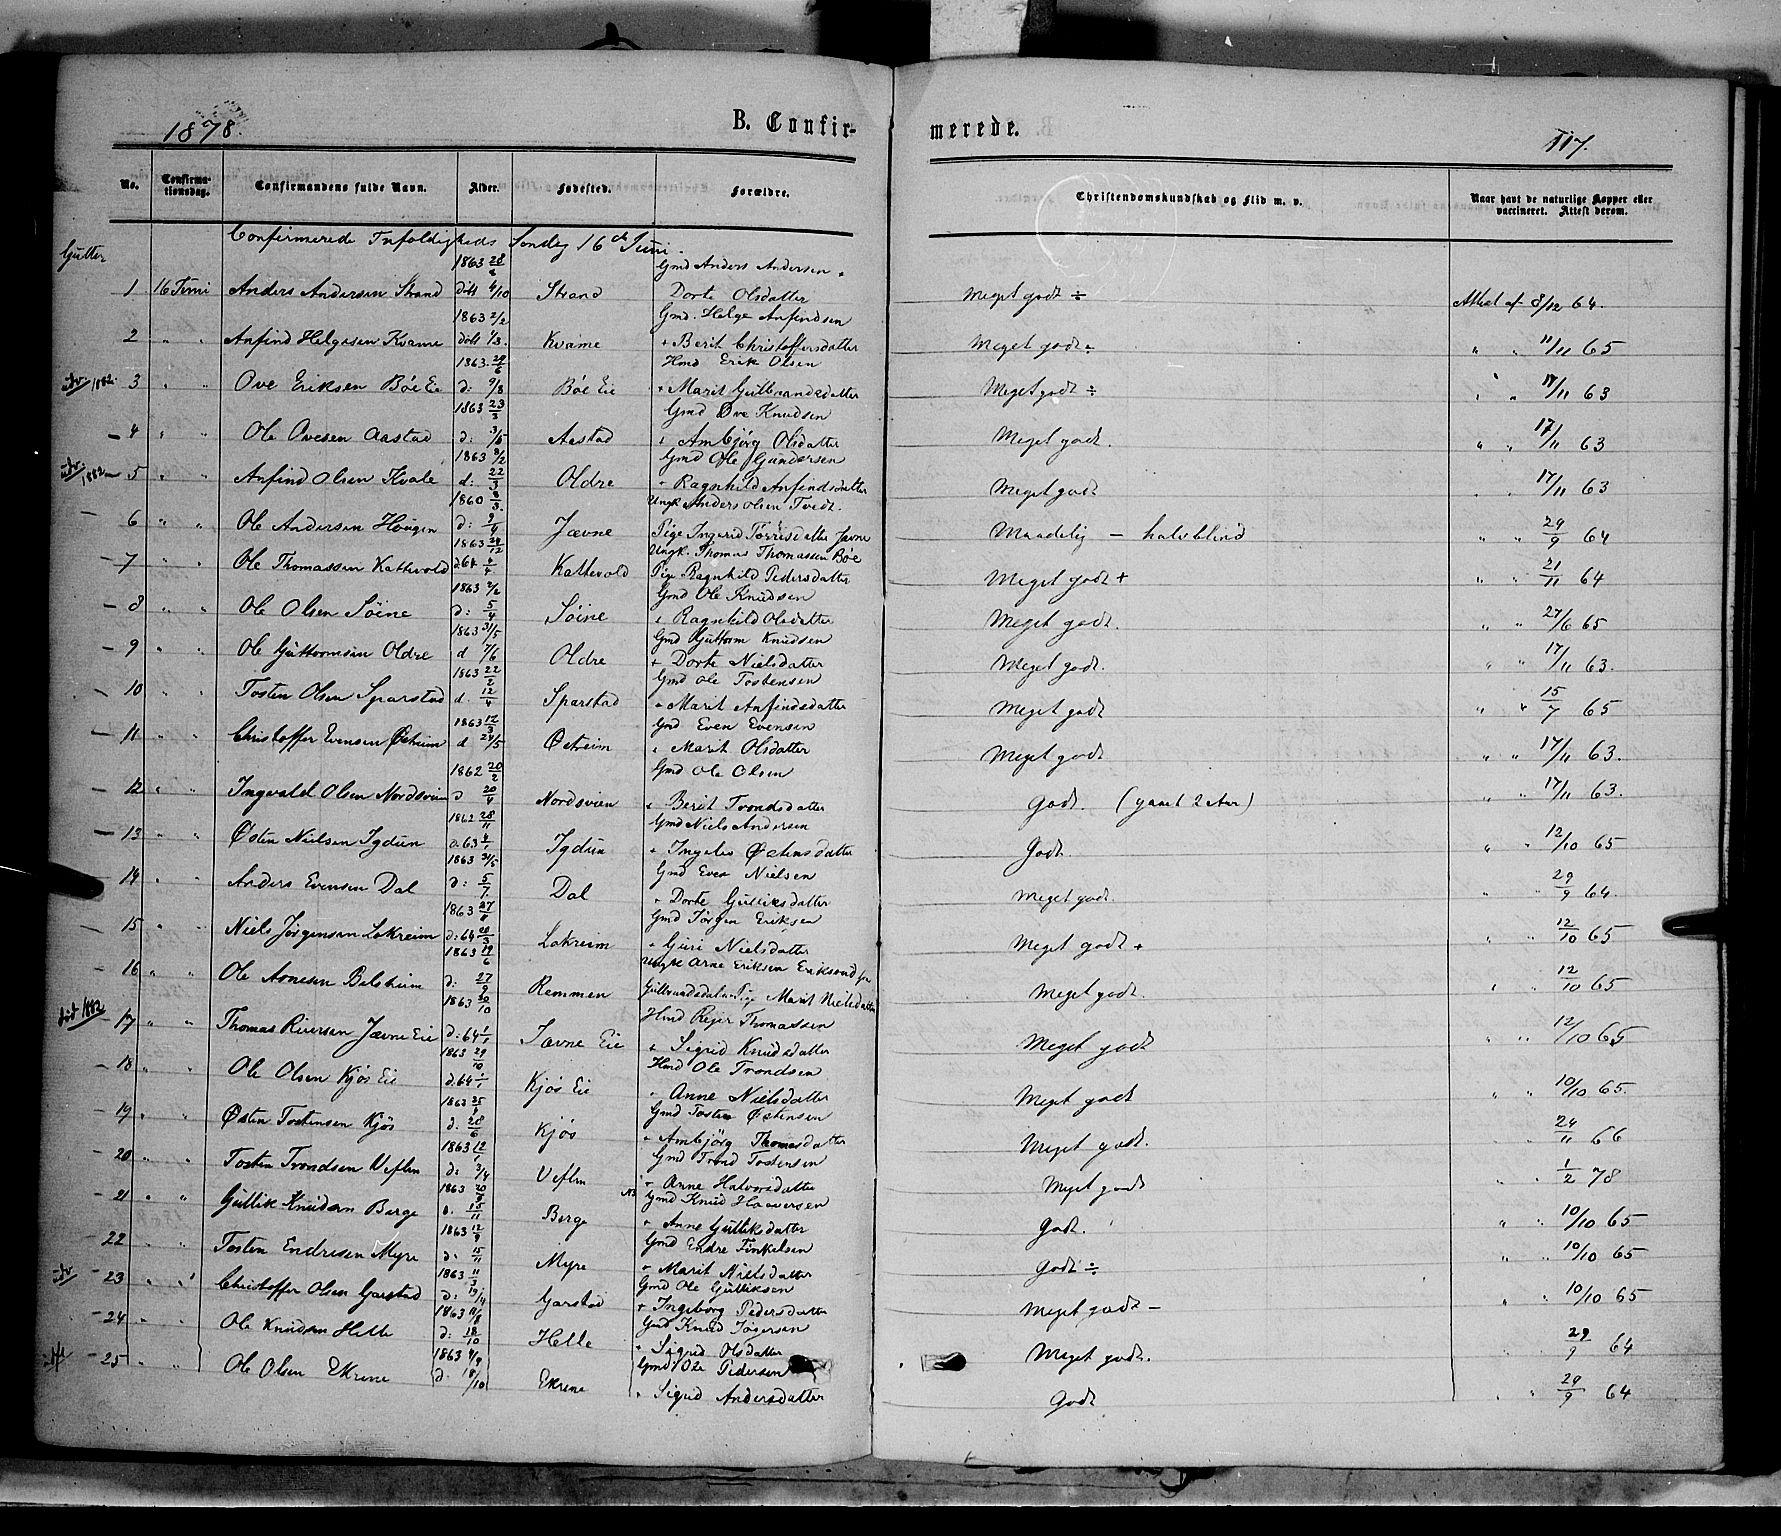 SAH, Vang prestekontor, Valdres, Ministerialbok nr. 7, 1865-1881, s. 117